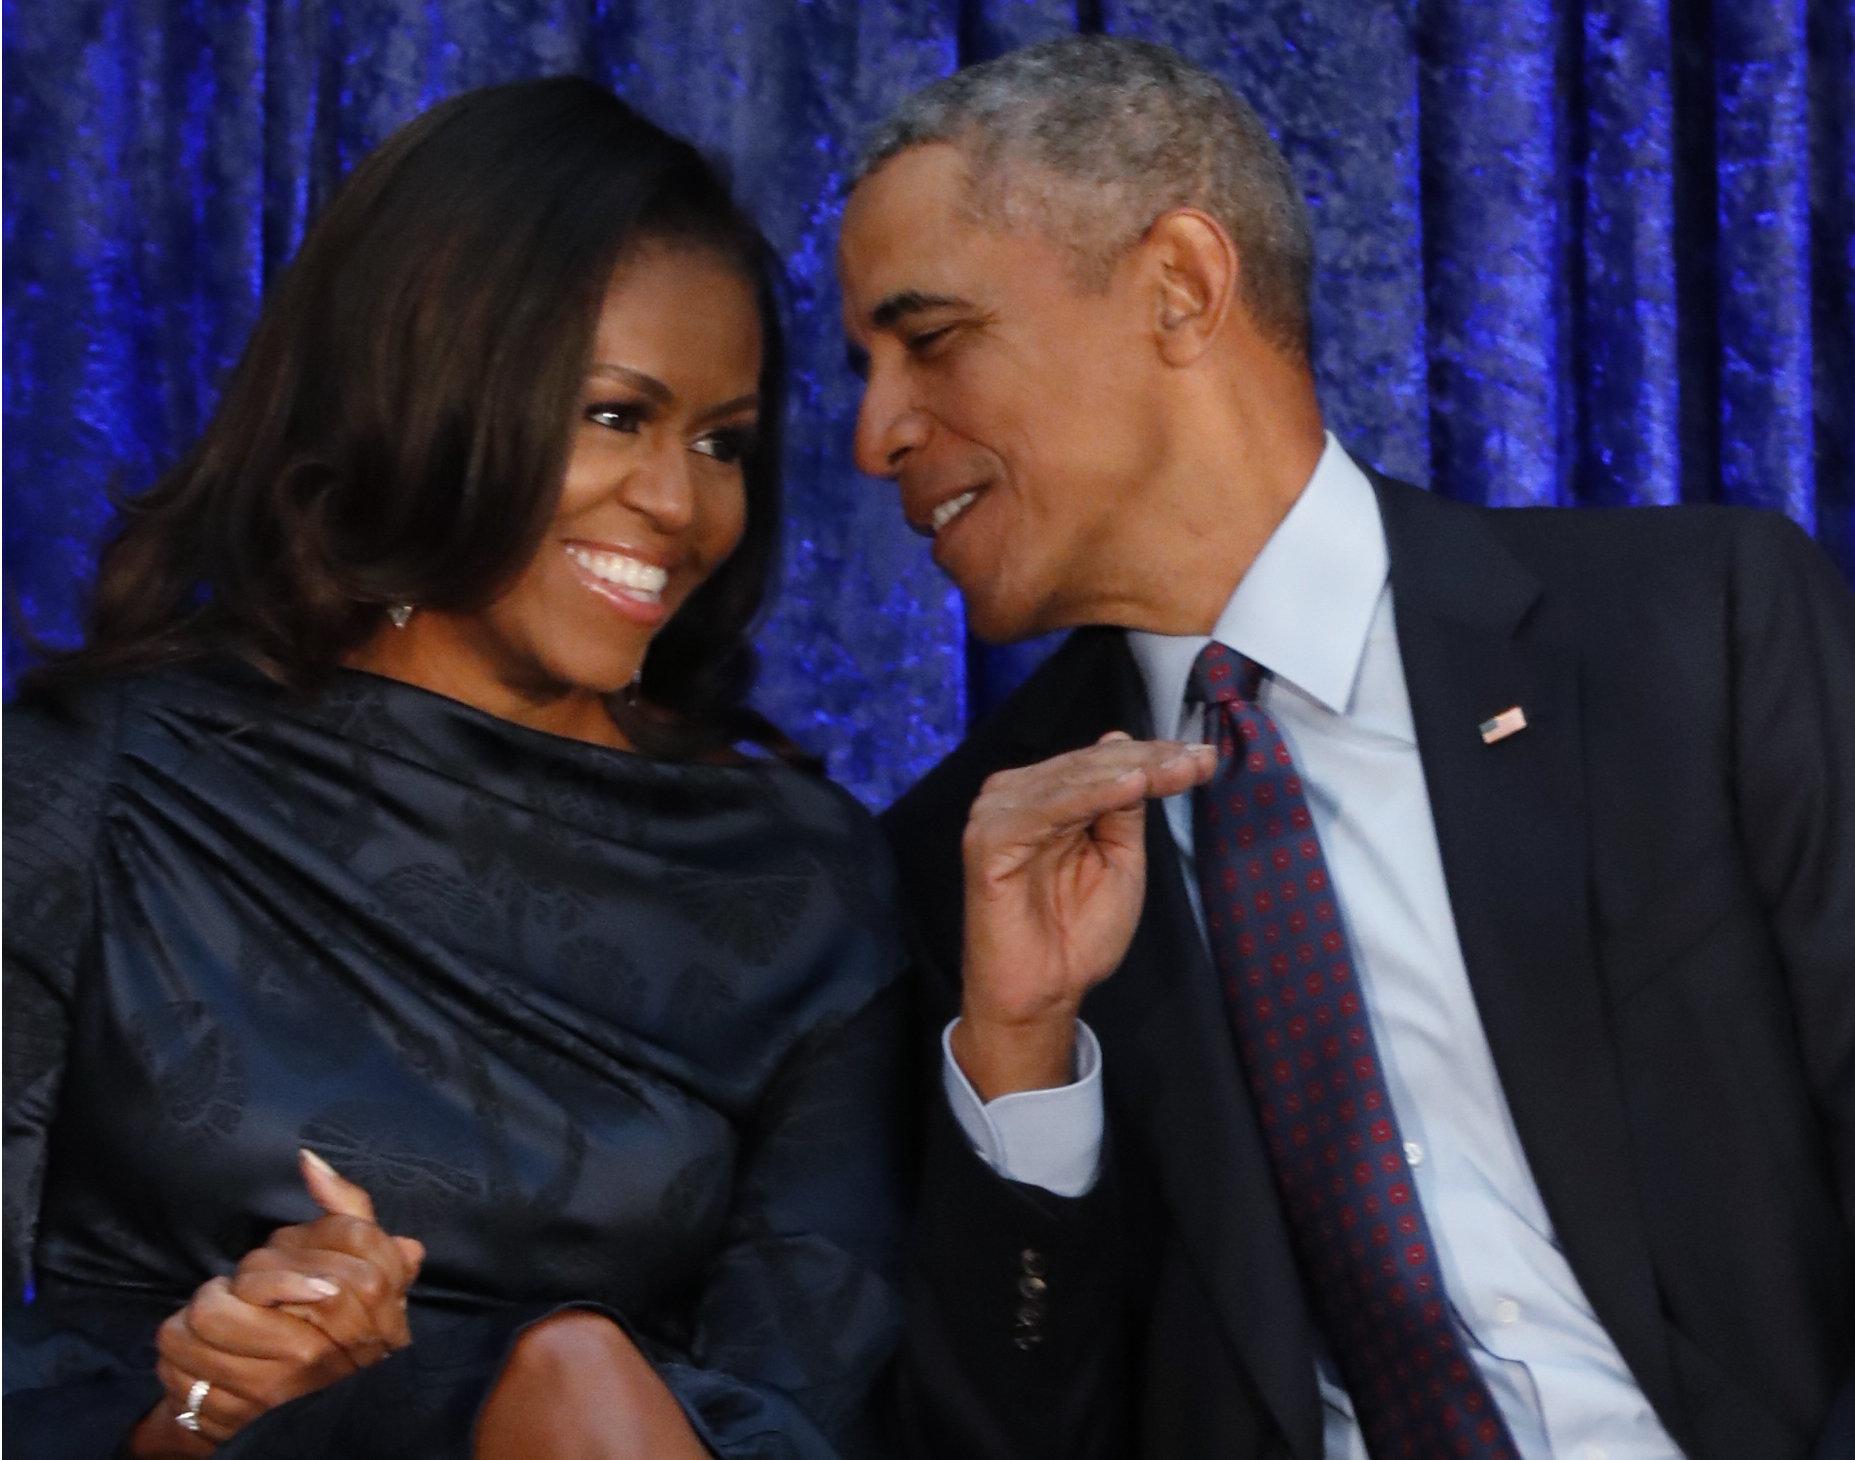 버락 오바마와 미셸 오바마가 넷플릭스와 계약을